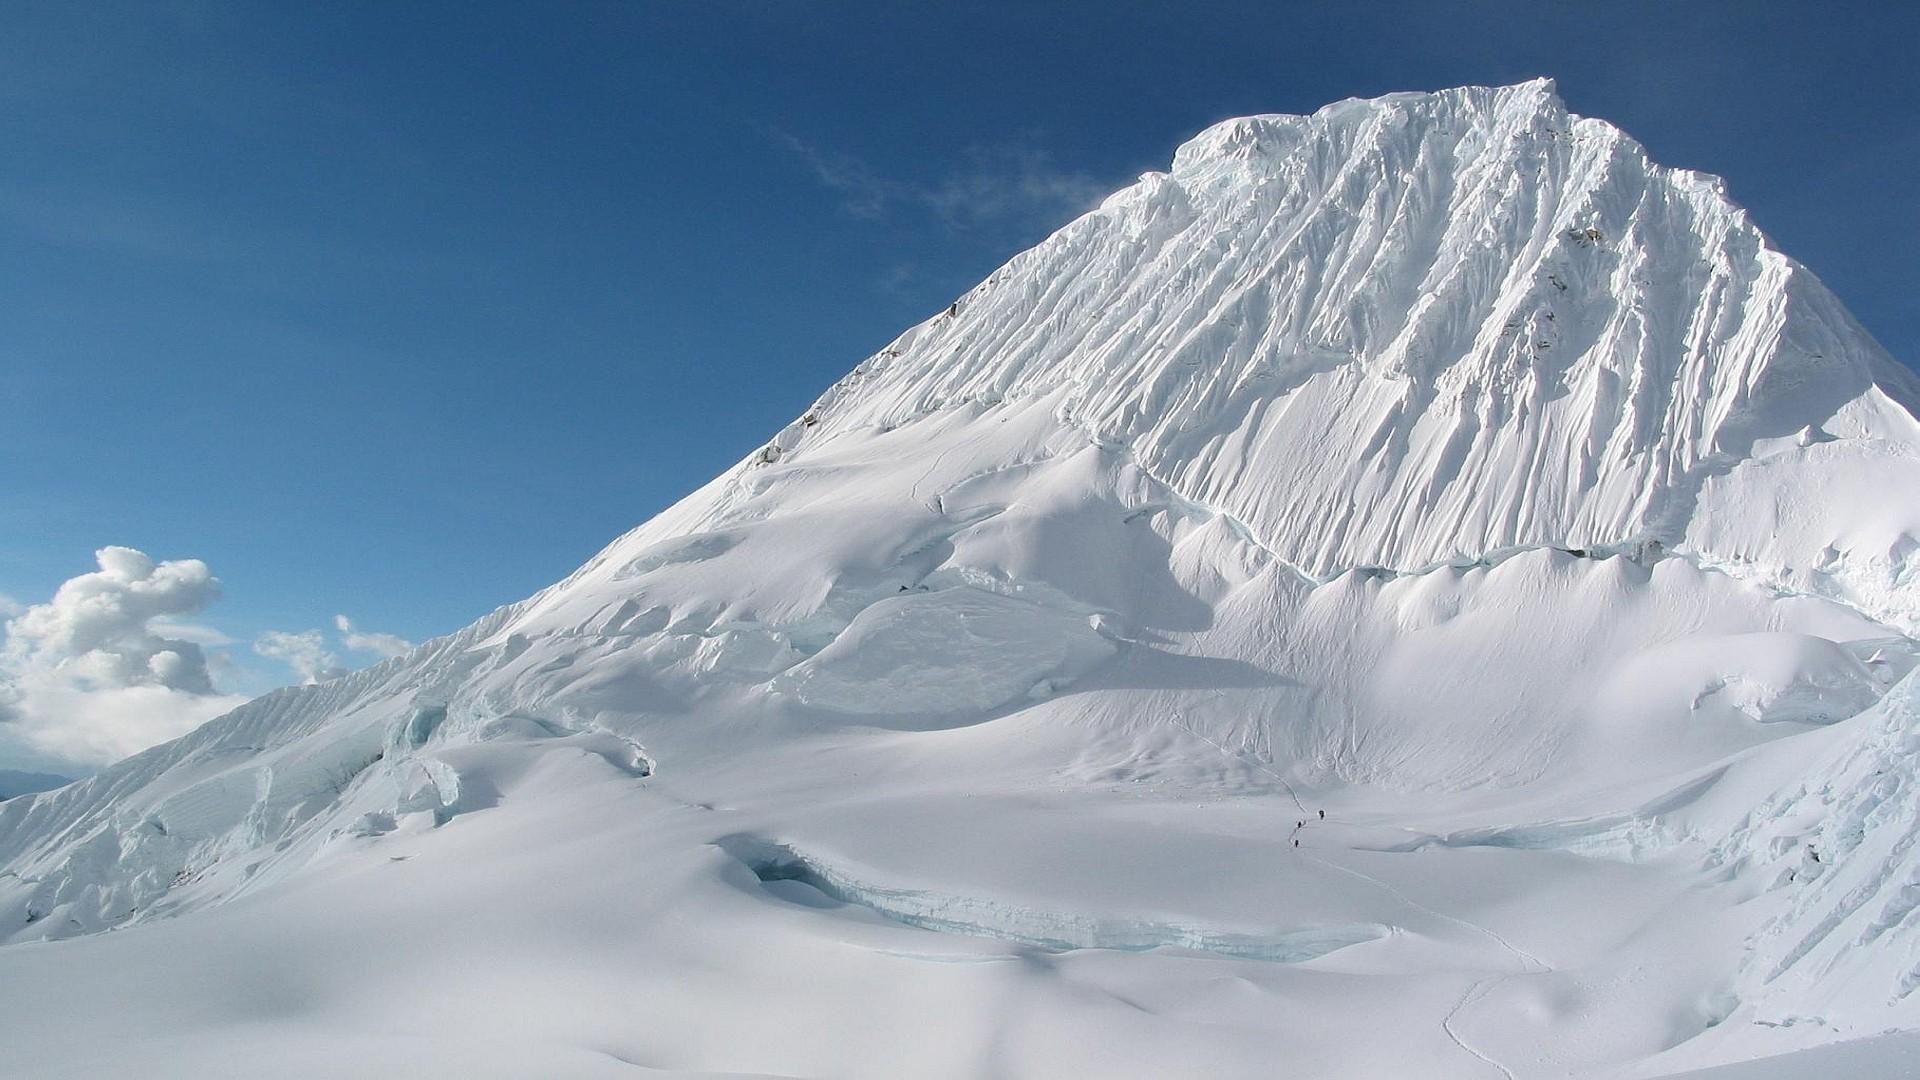 white mountain wallpaper 33765